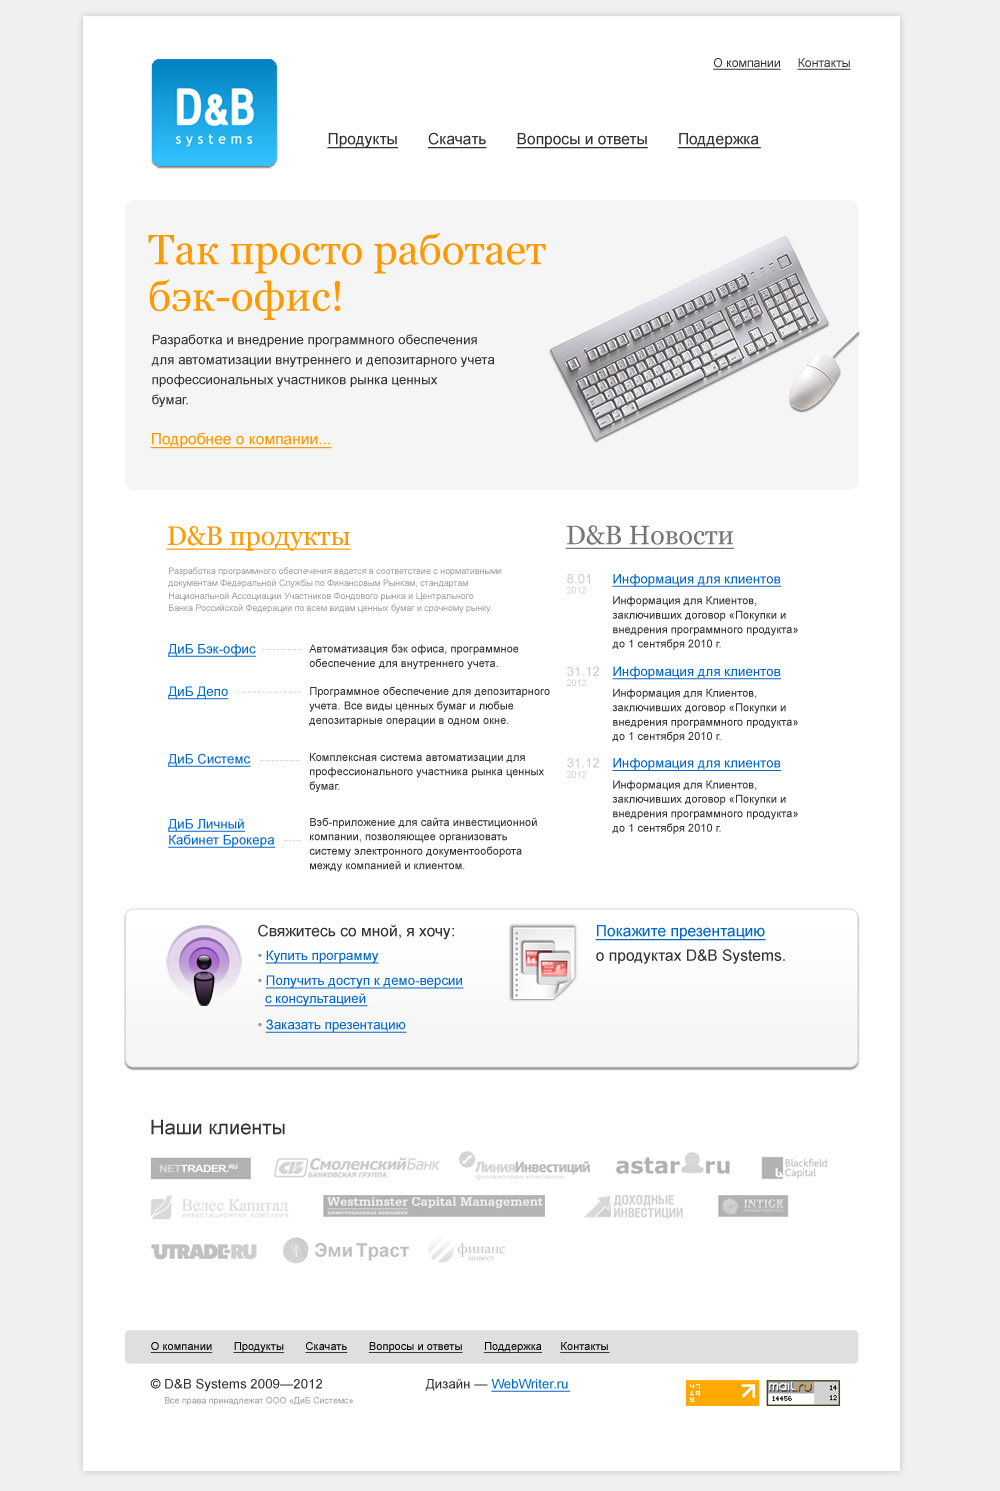 Дизайн сайта компании D&B Systems